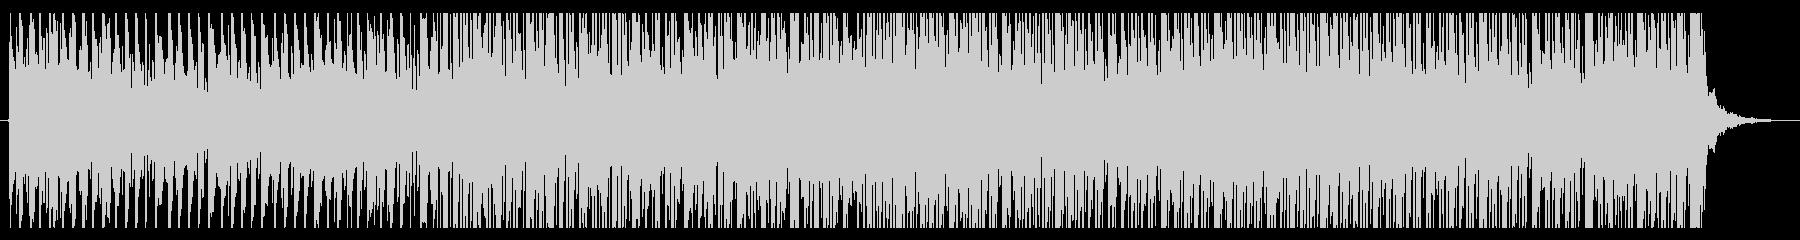 ストレンジャーシングス風のデジタルBGMの未再生の波形